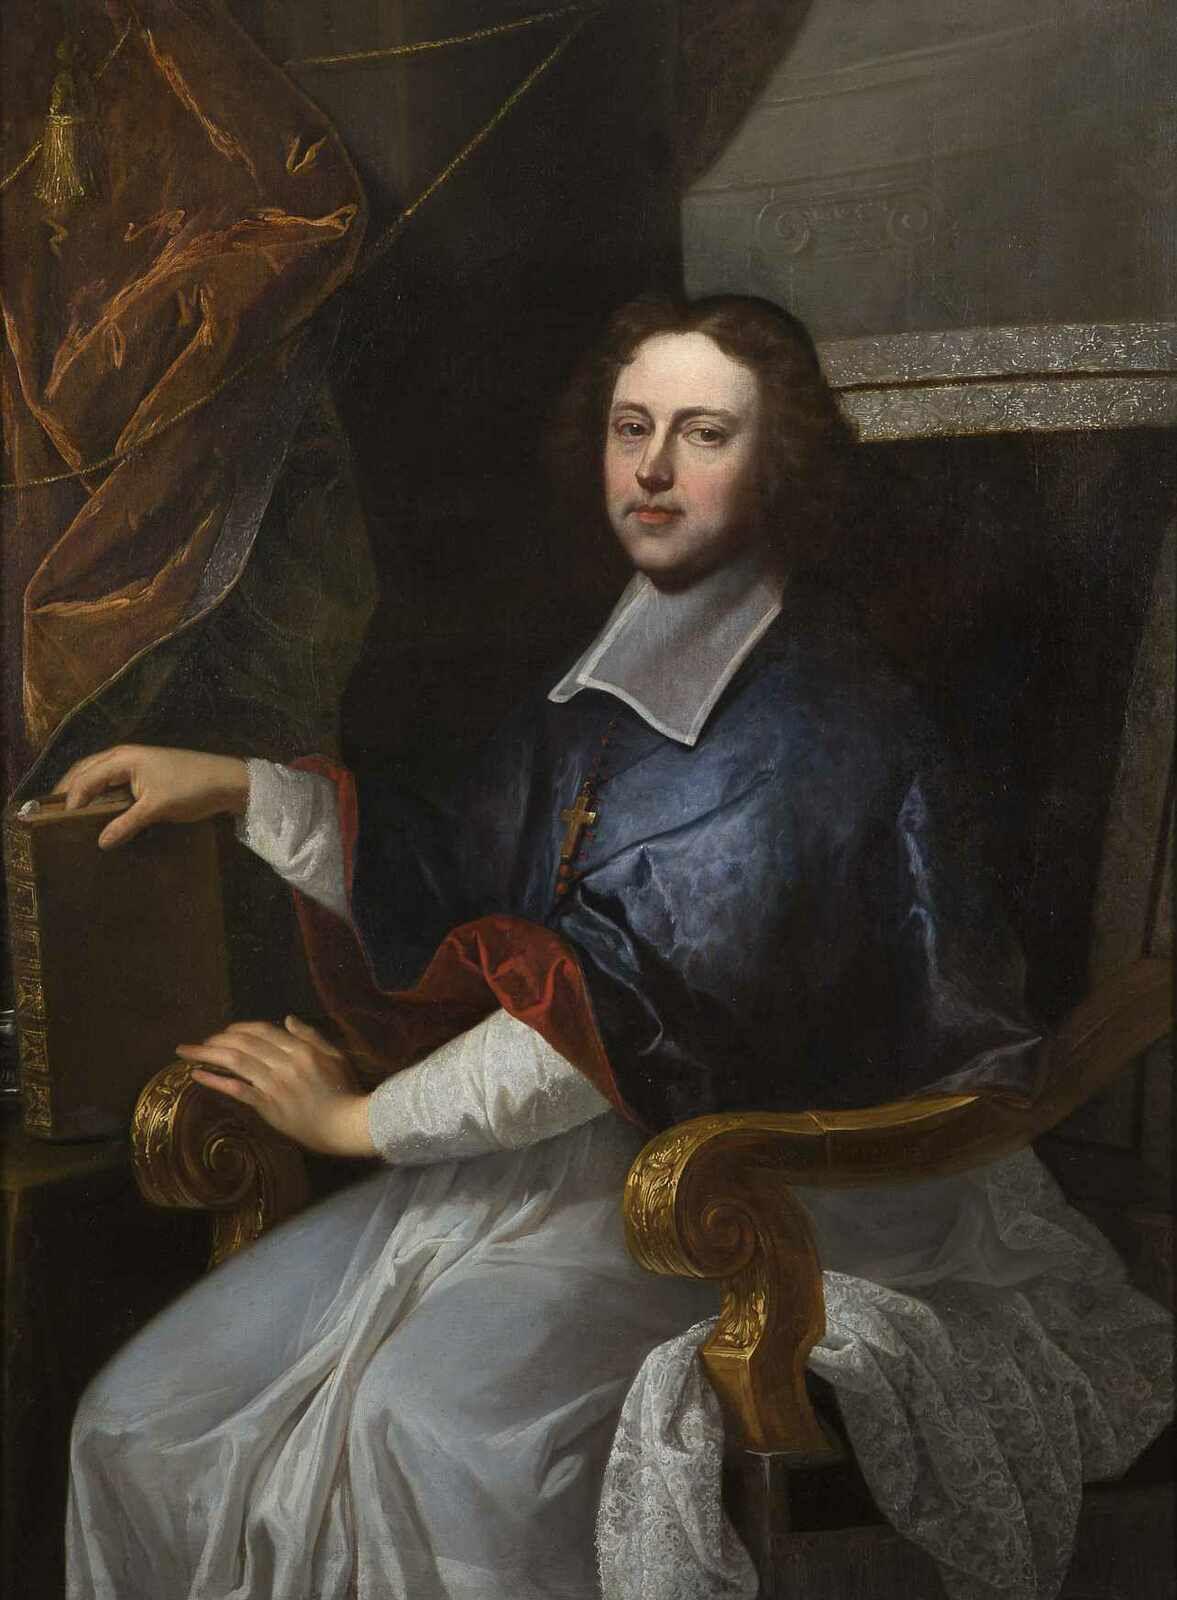 Atelier de Hyacinthe Rigaud, portrait de l'évêque de Tournai, Caillebot de La Salle. France, collection privée © droits réservés au propriétaire de l'oeuvre